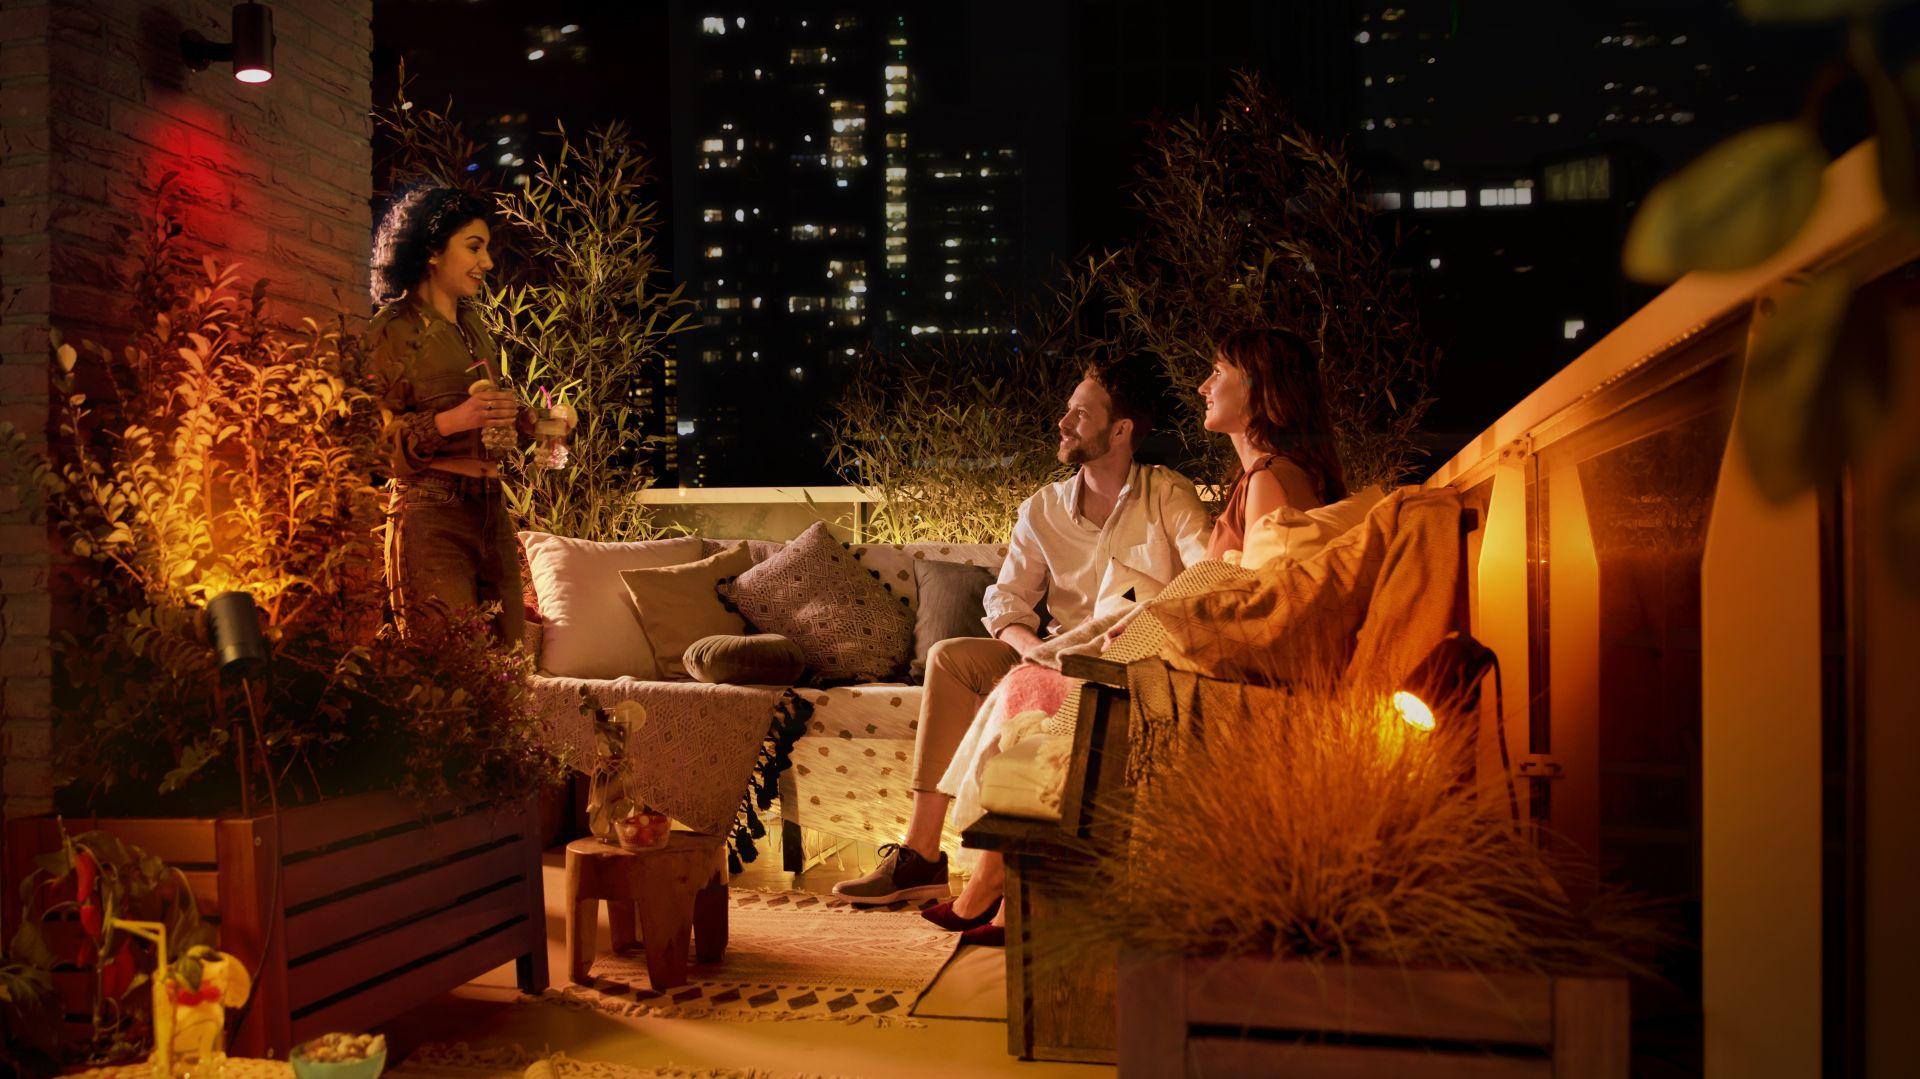 Zadbaj o wyjątkowy nastrój i ciesz się letnimi wieczorami w ogrodzie pełnym światła z Philips Hue Outdoor. Fot. Philips